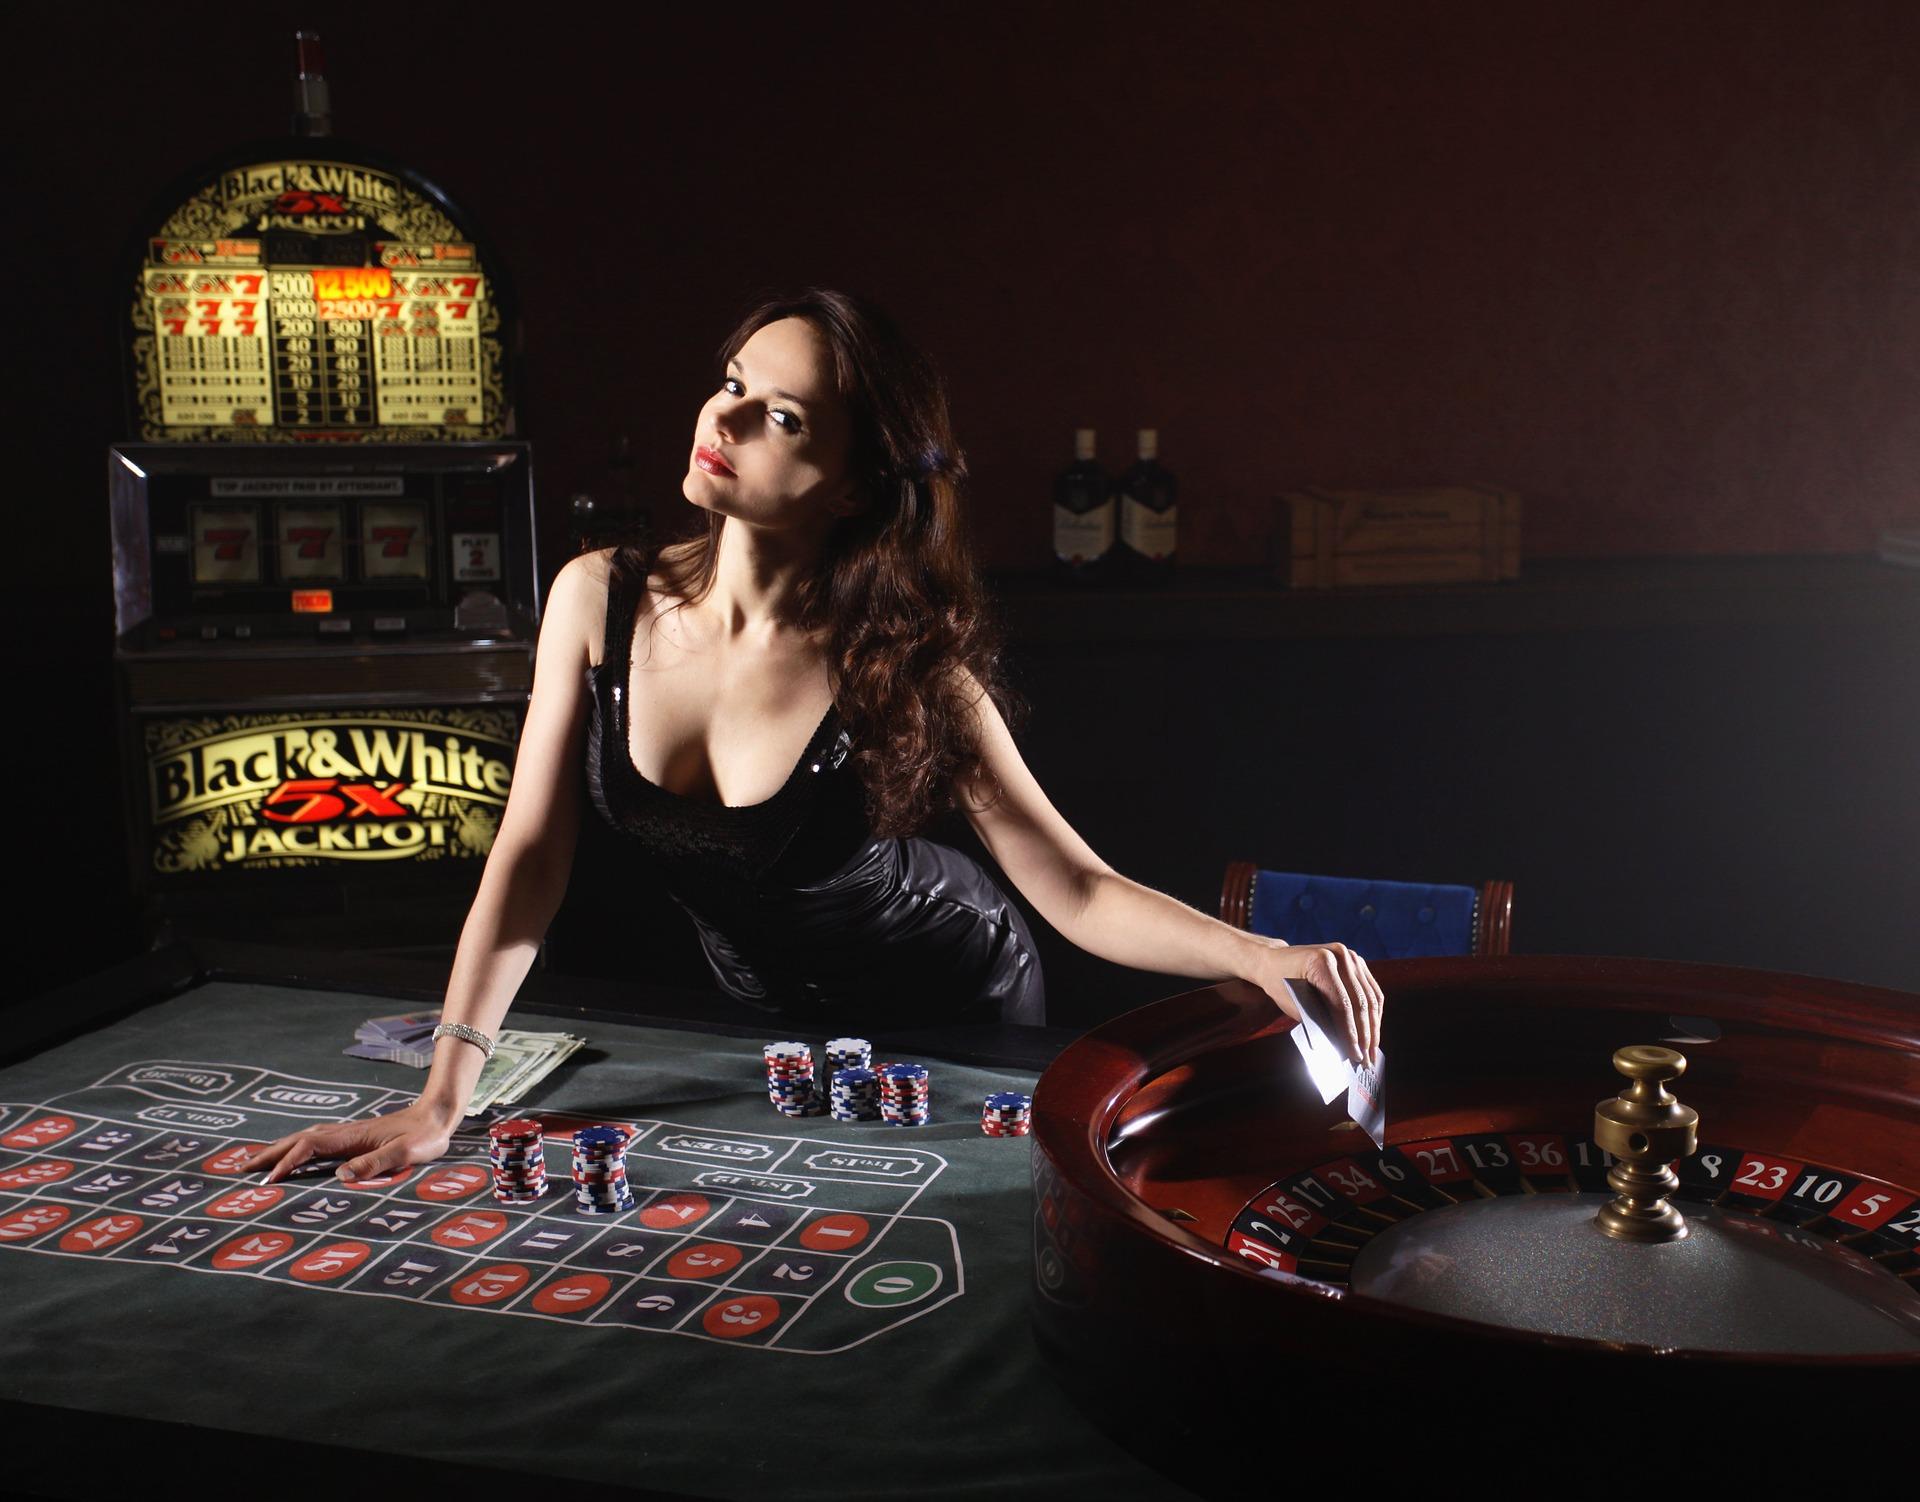 Spil online casino uden registrering